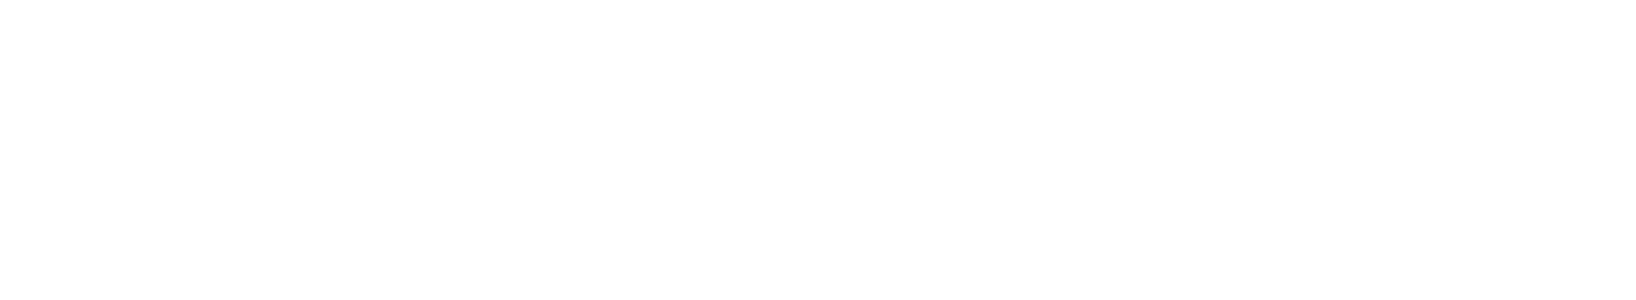 Isparta Hukuk Bürosu